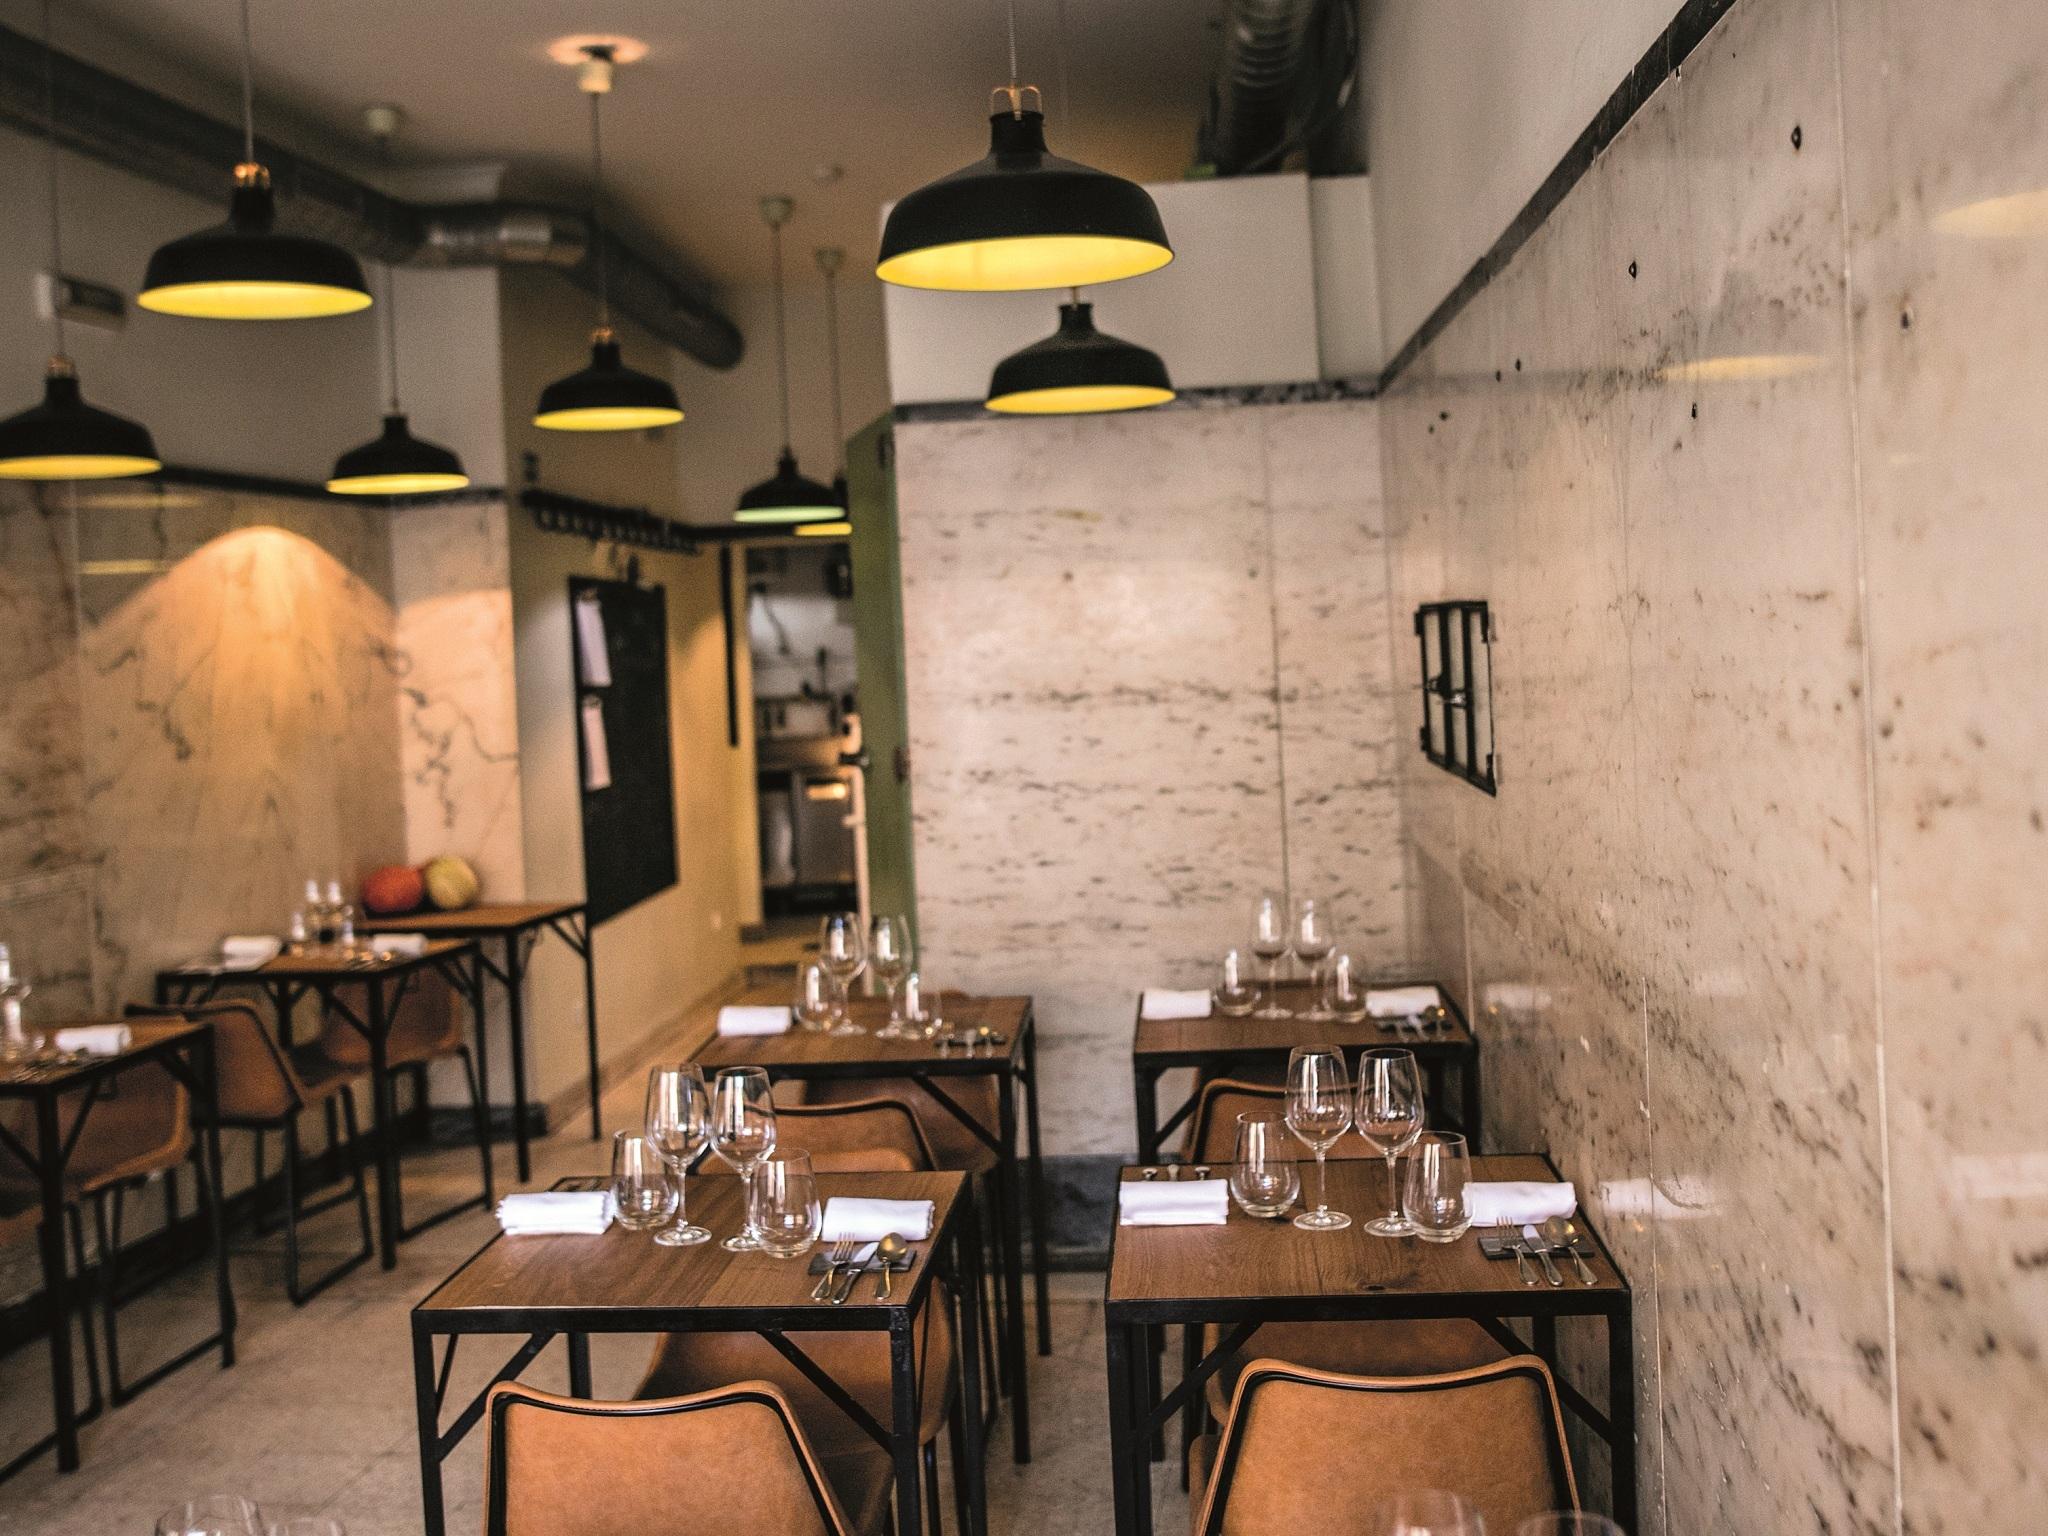 Restaurante, Boi Cavalo, Cozinha de Autor